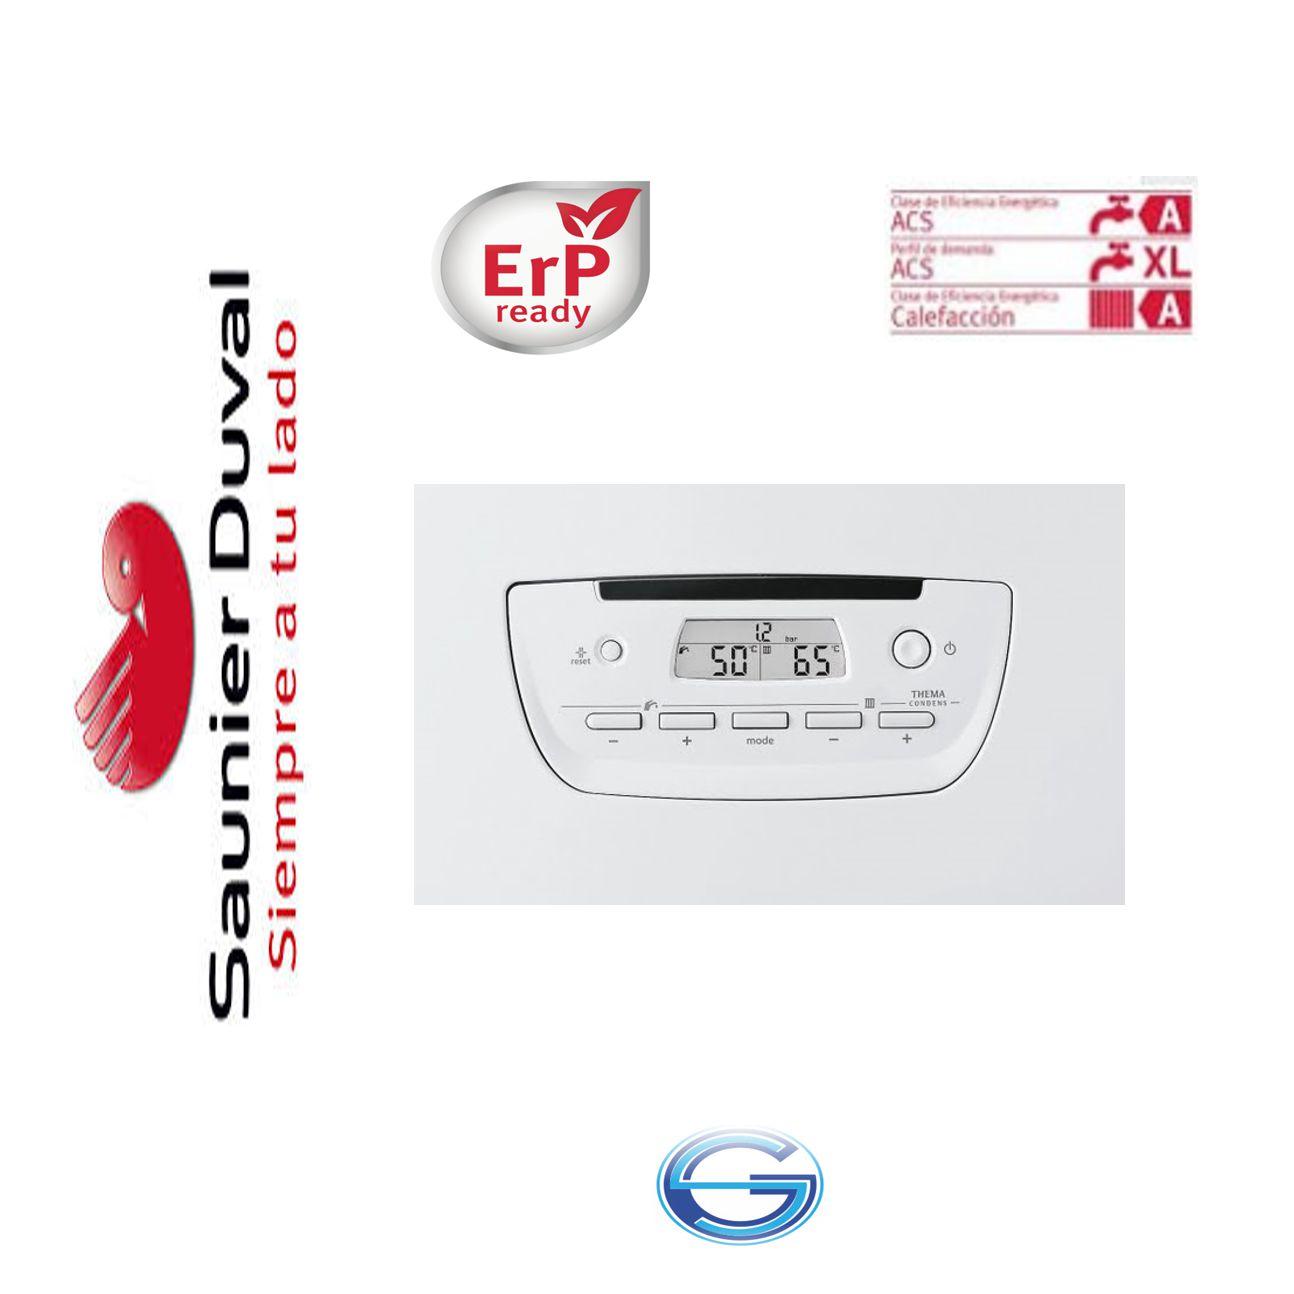 Caldera Saunier Duval Thema Condens F A25 condensación ErP  panel mandos